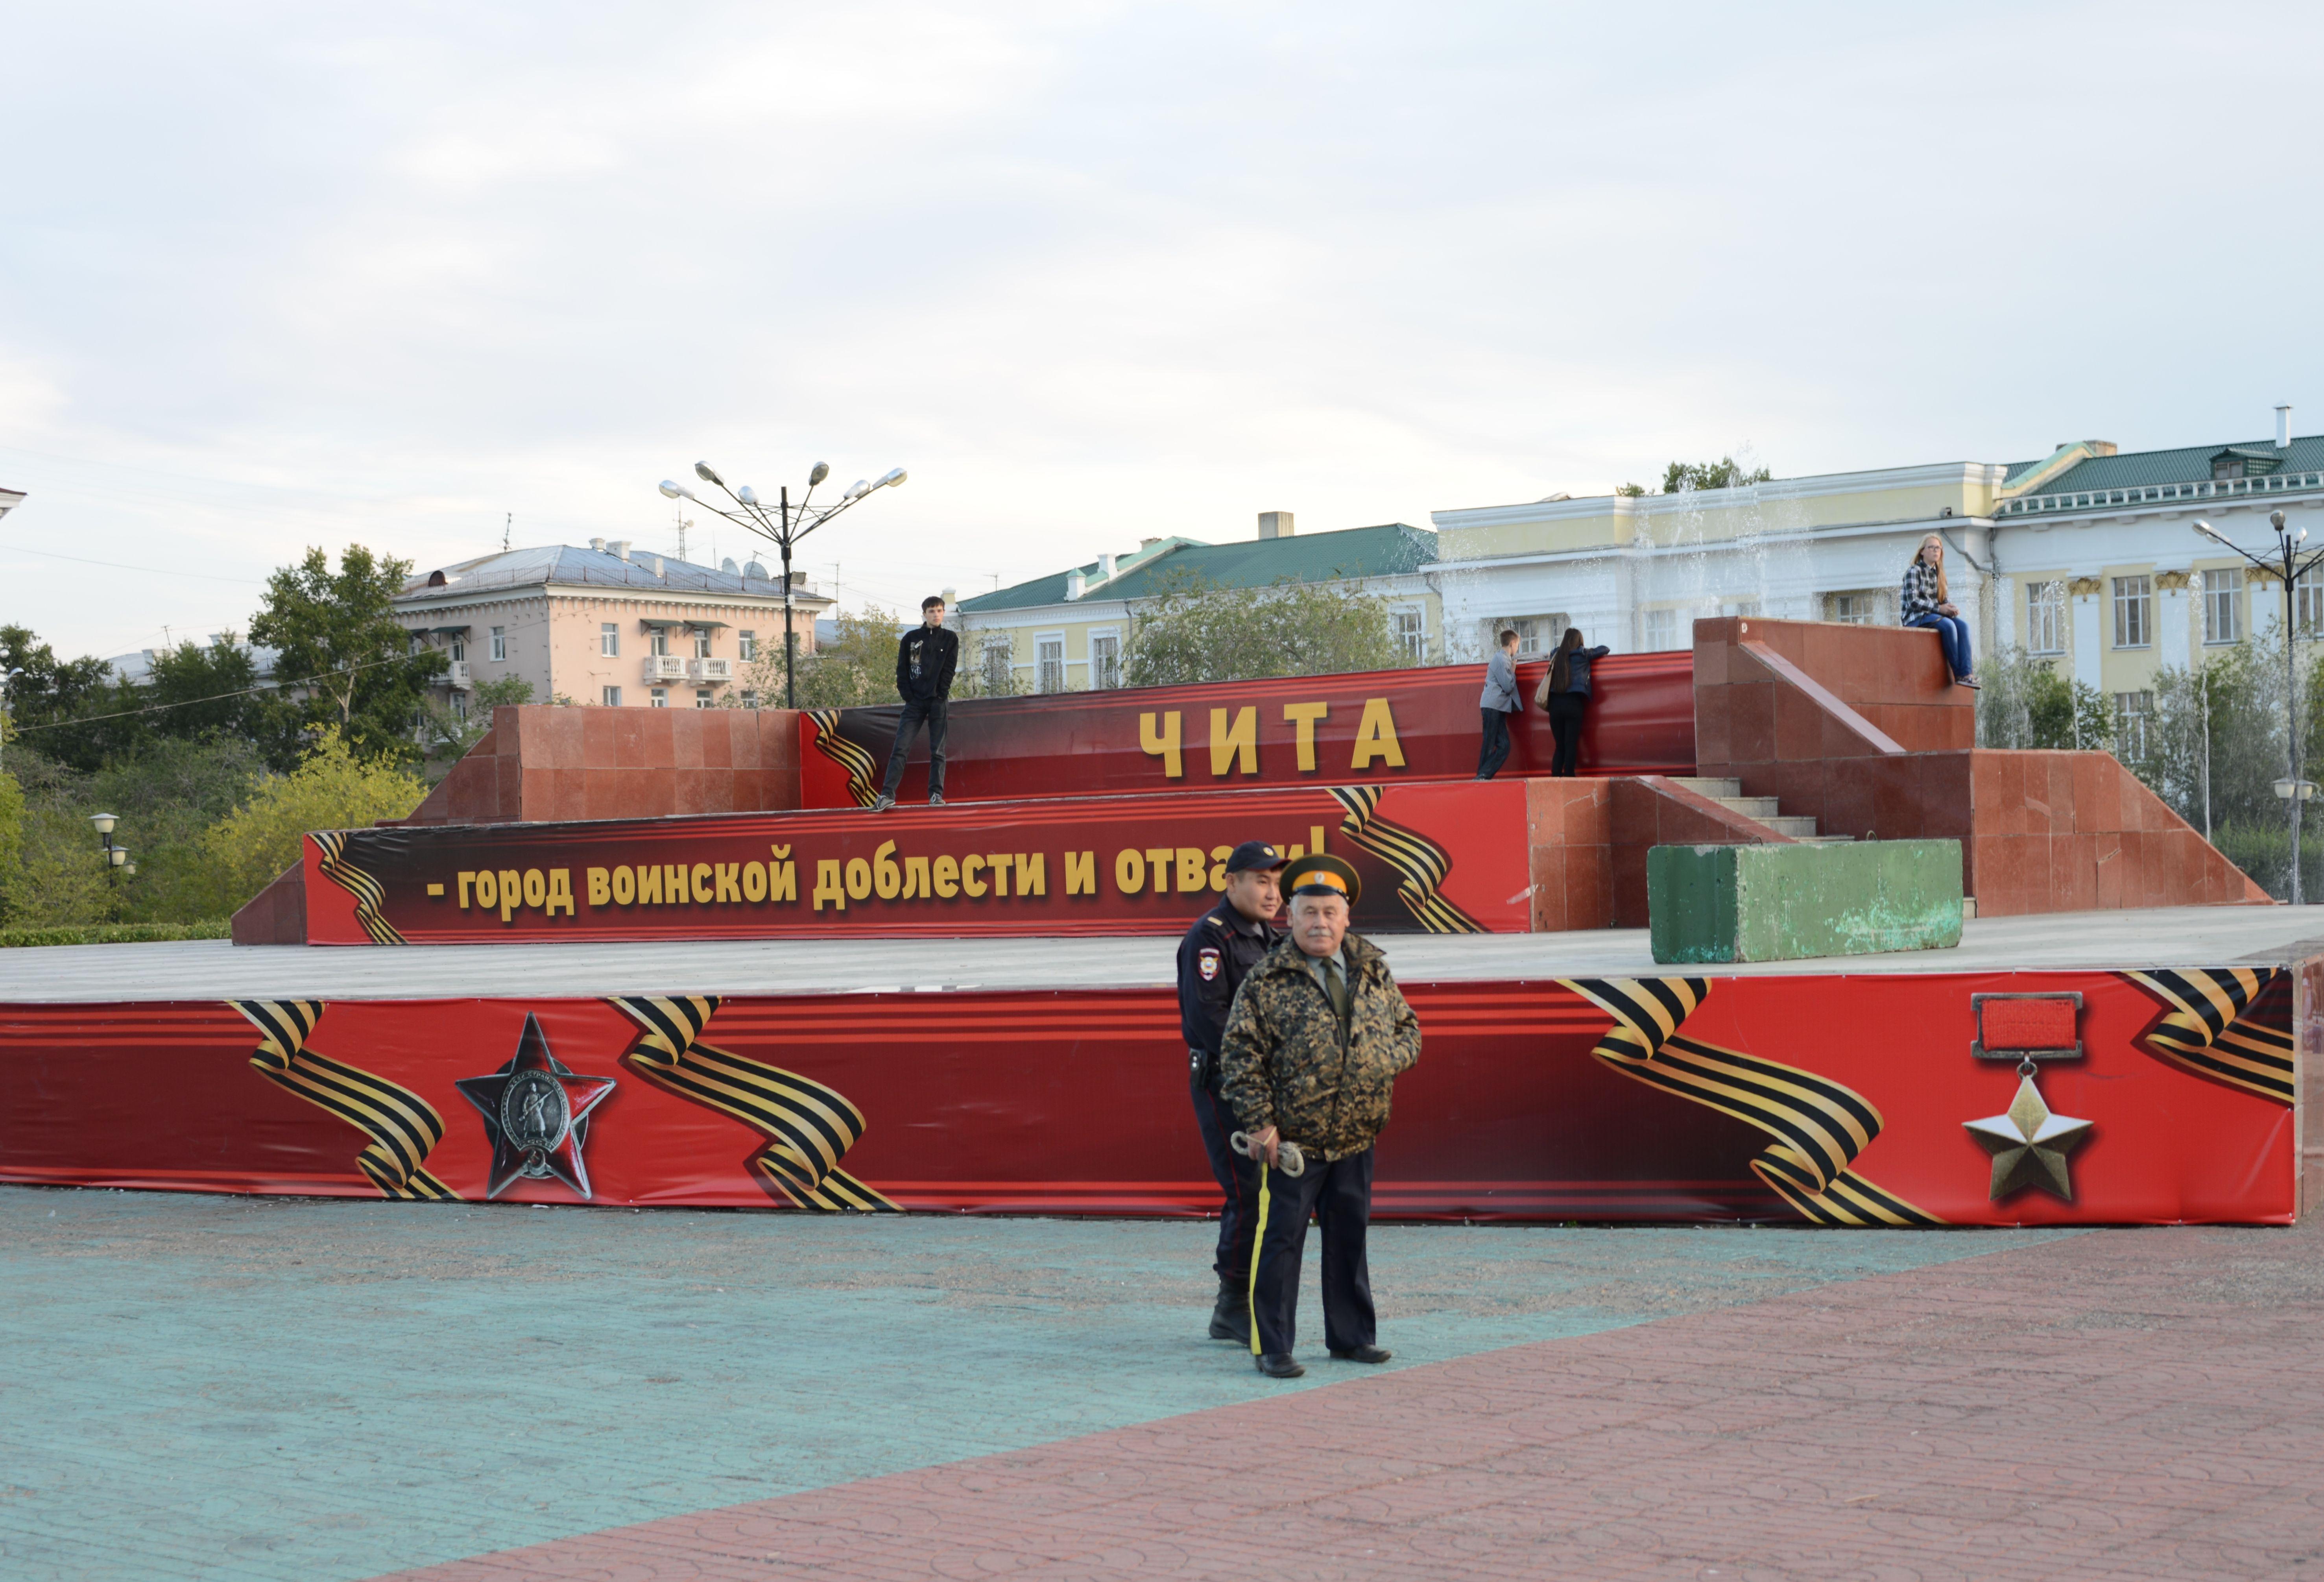 Чита - город военный